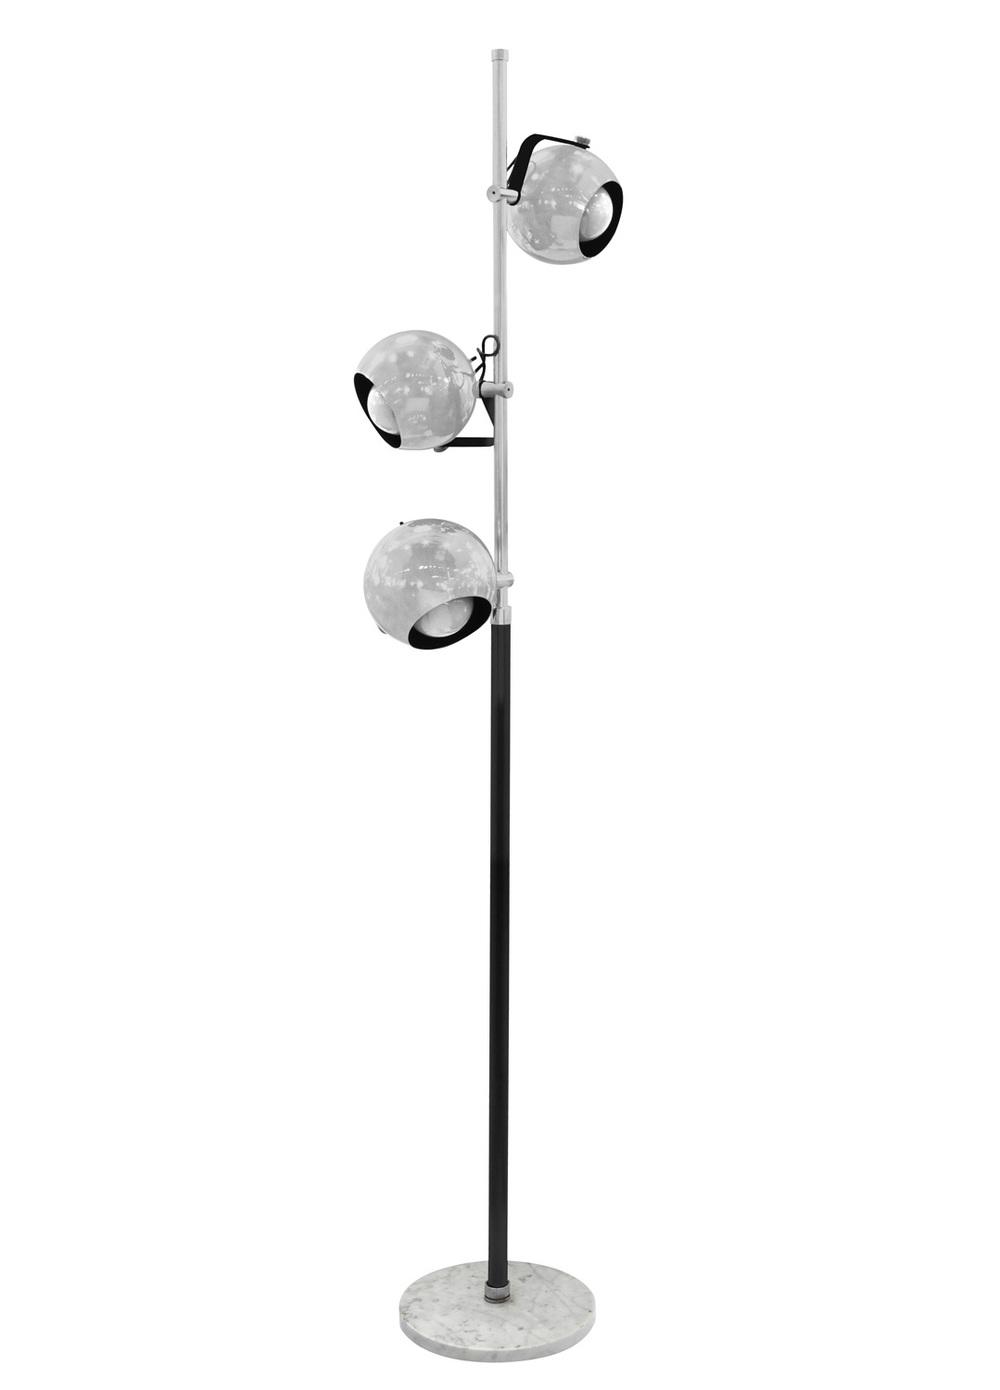 Arredoluce 95 3 sphere mrbl base floorlamp168 hiresA.jpg